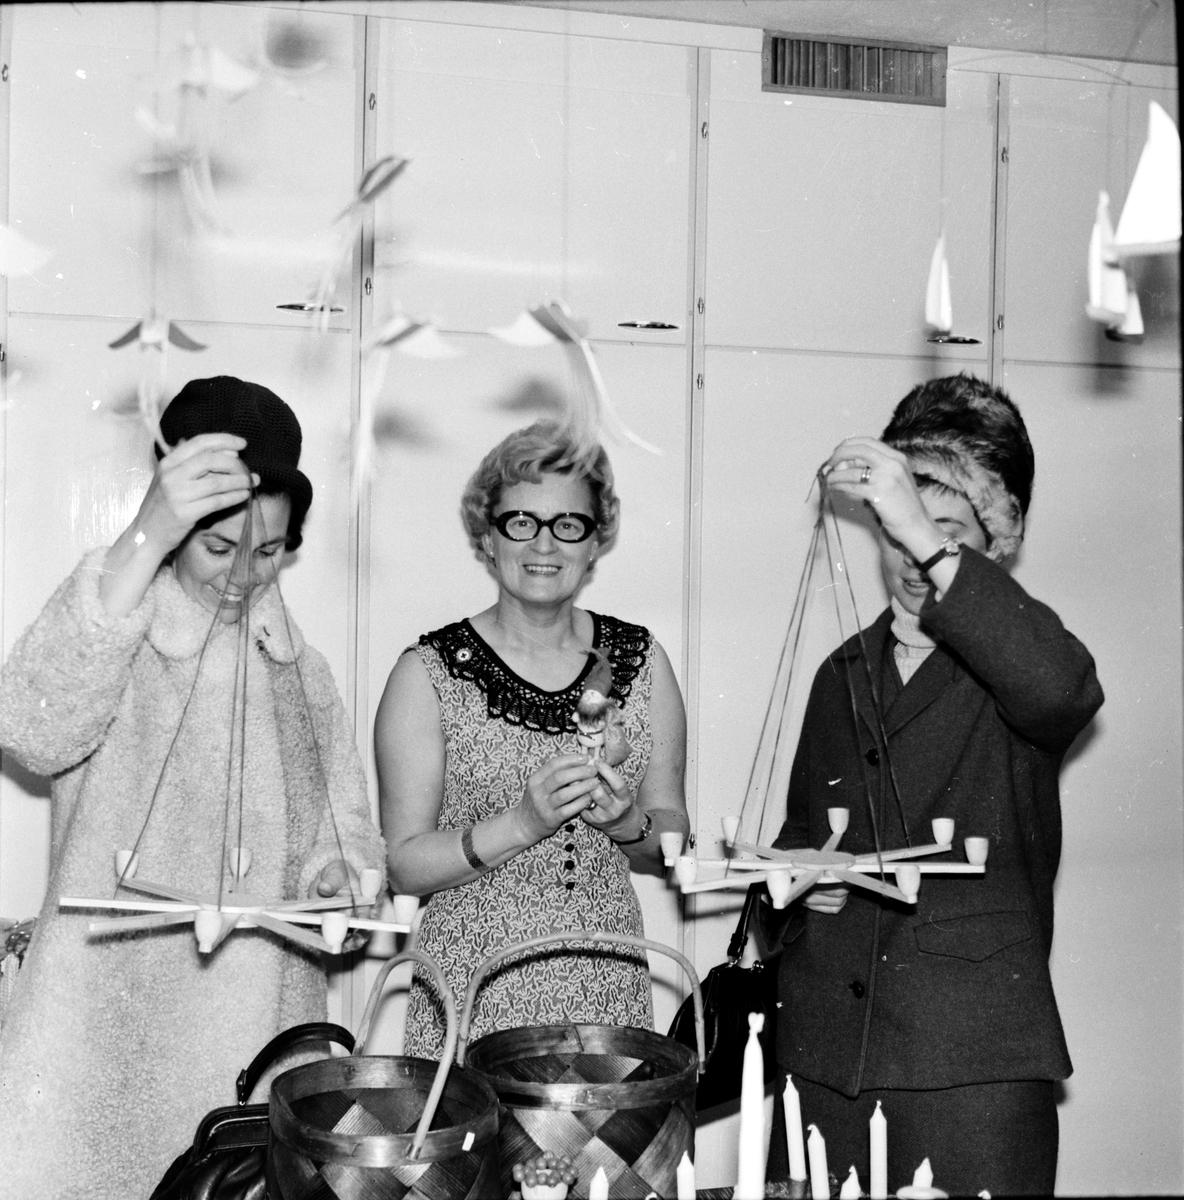 Arbrå, Röda Korsets försäljning, December 1968